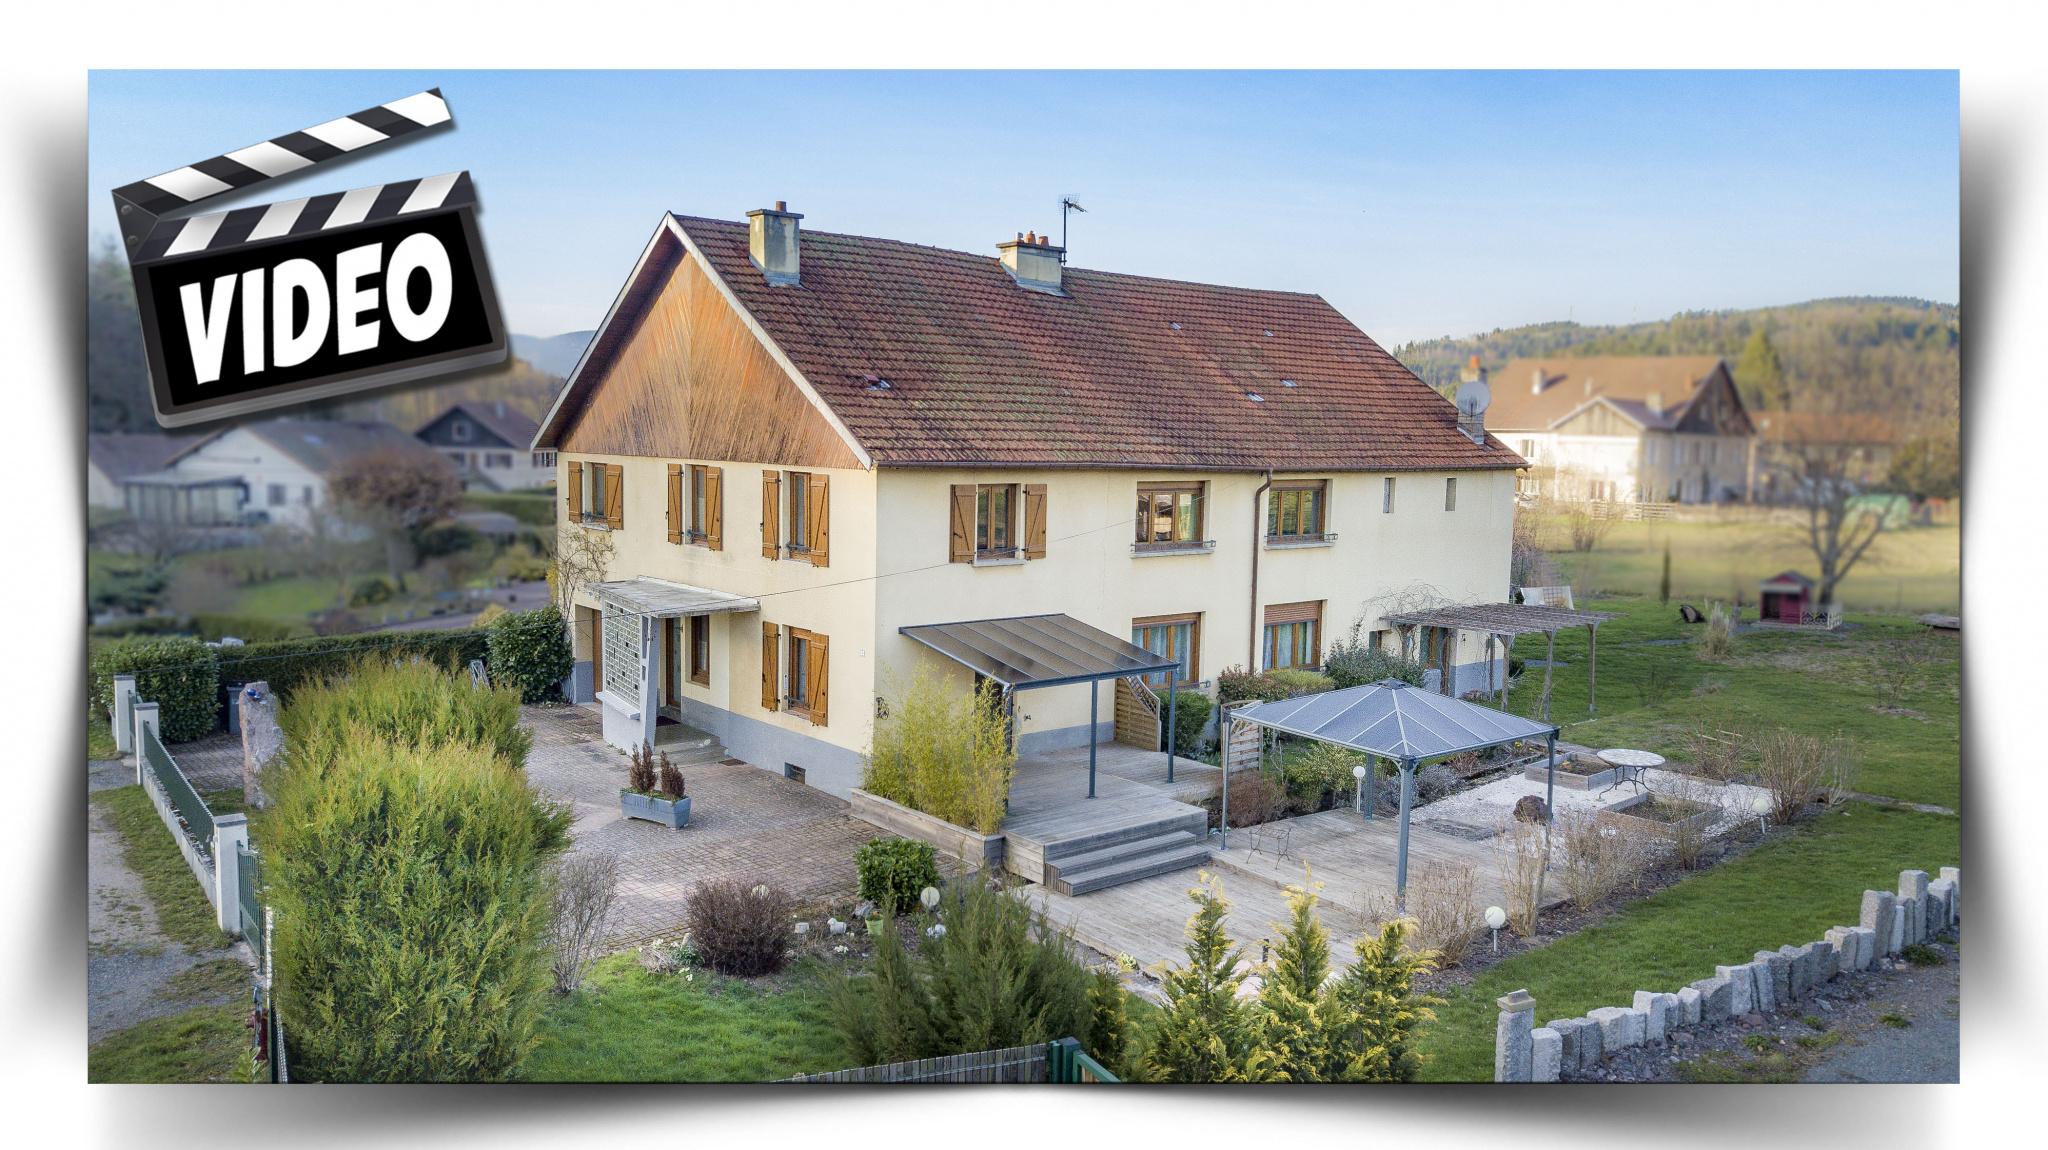 maison/villa à vendre ban de laveline